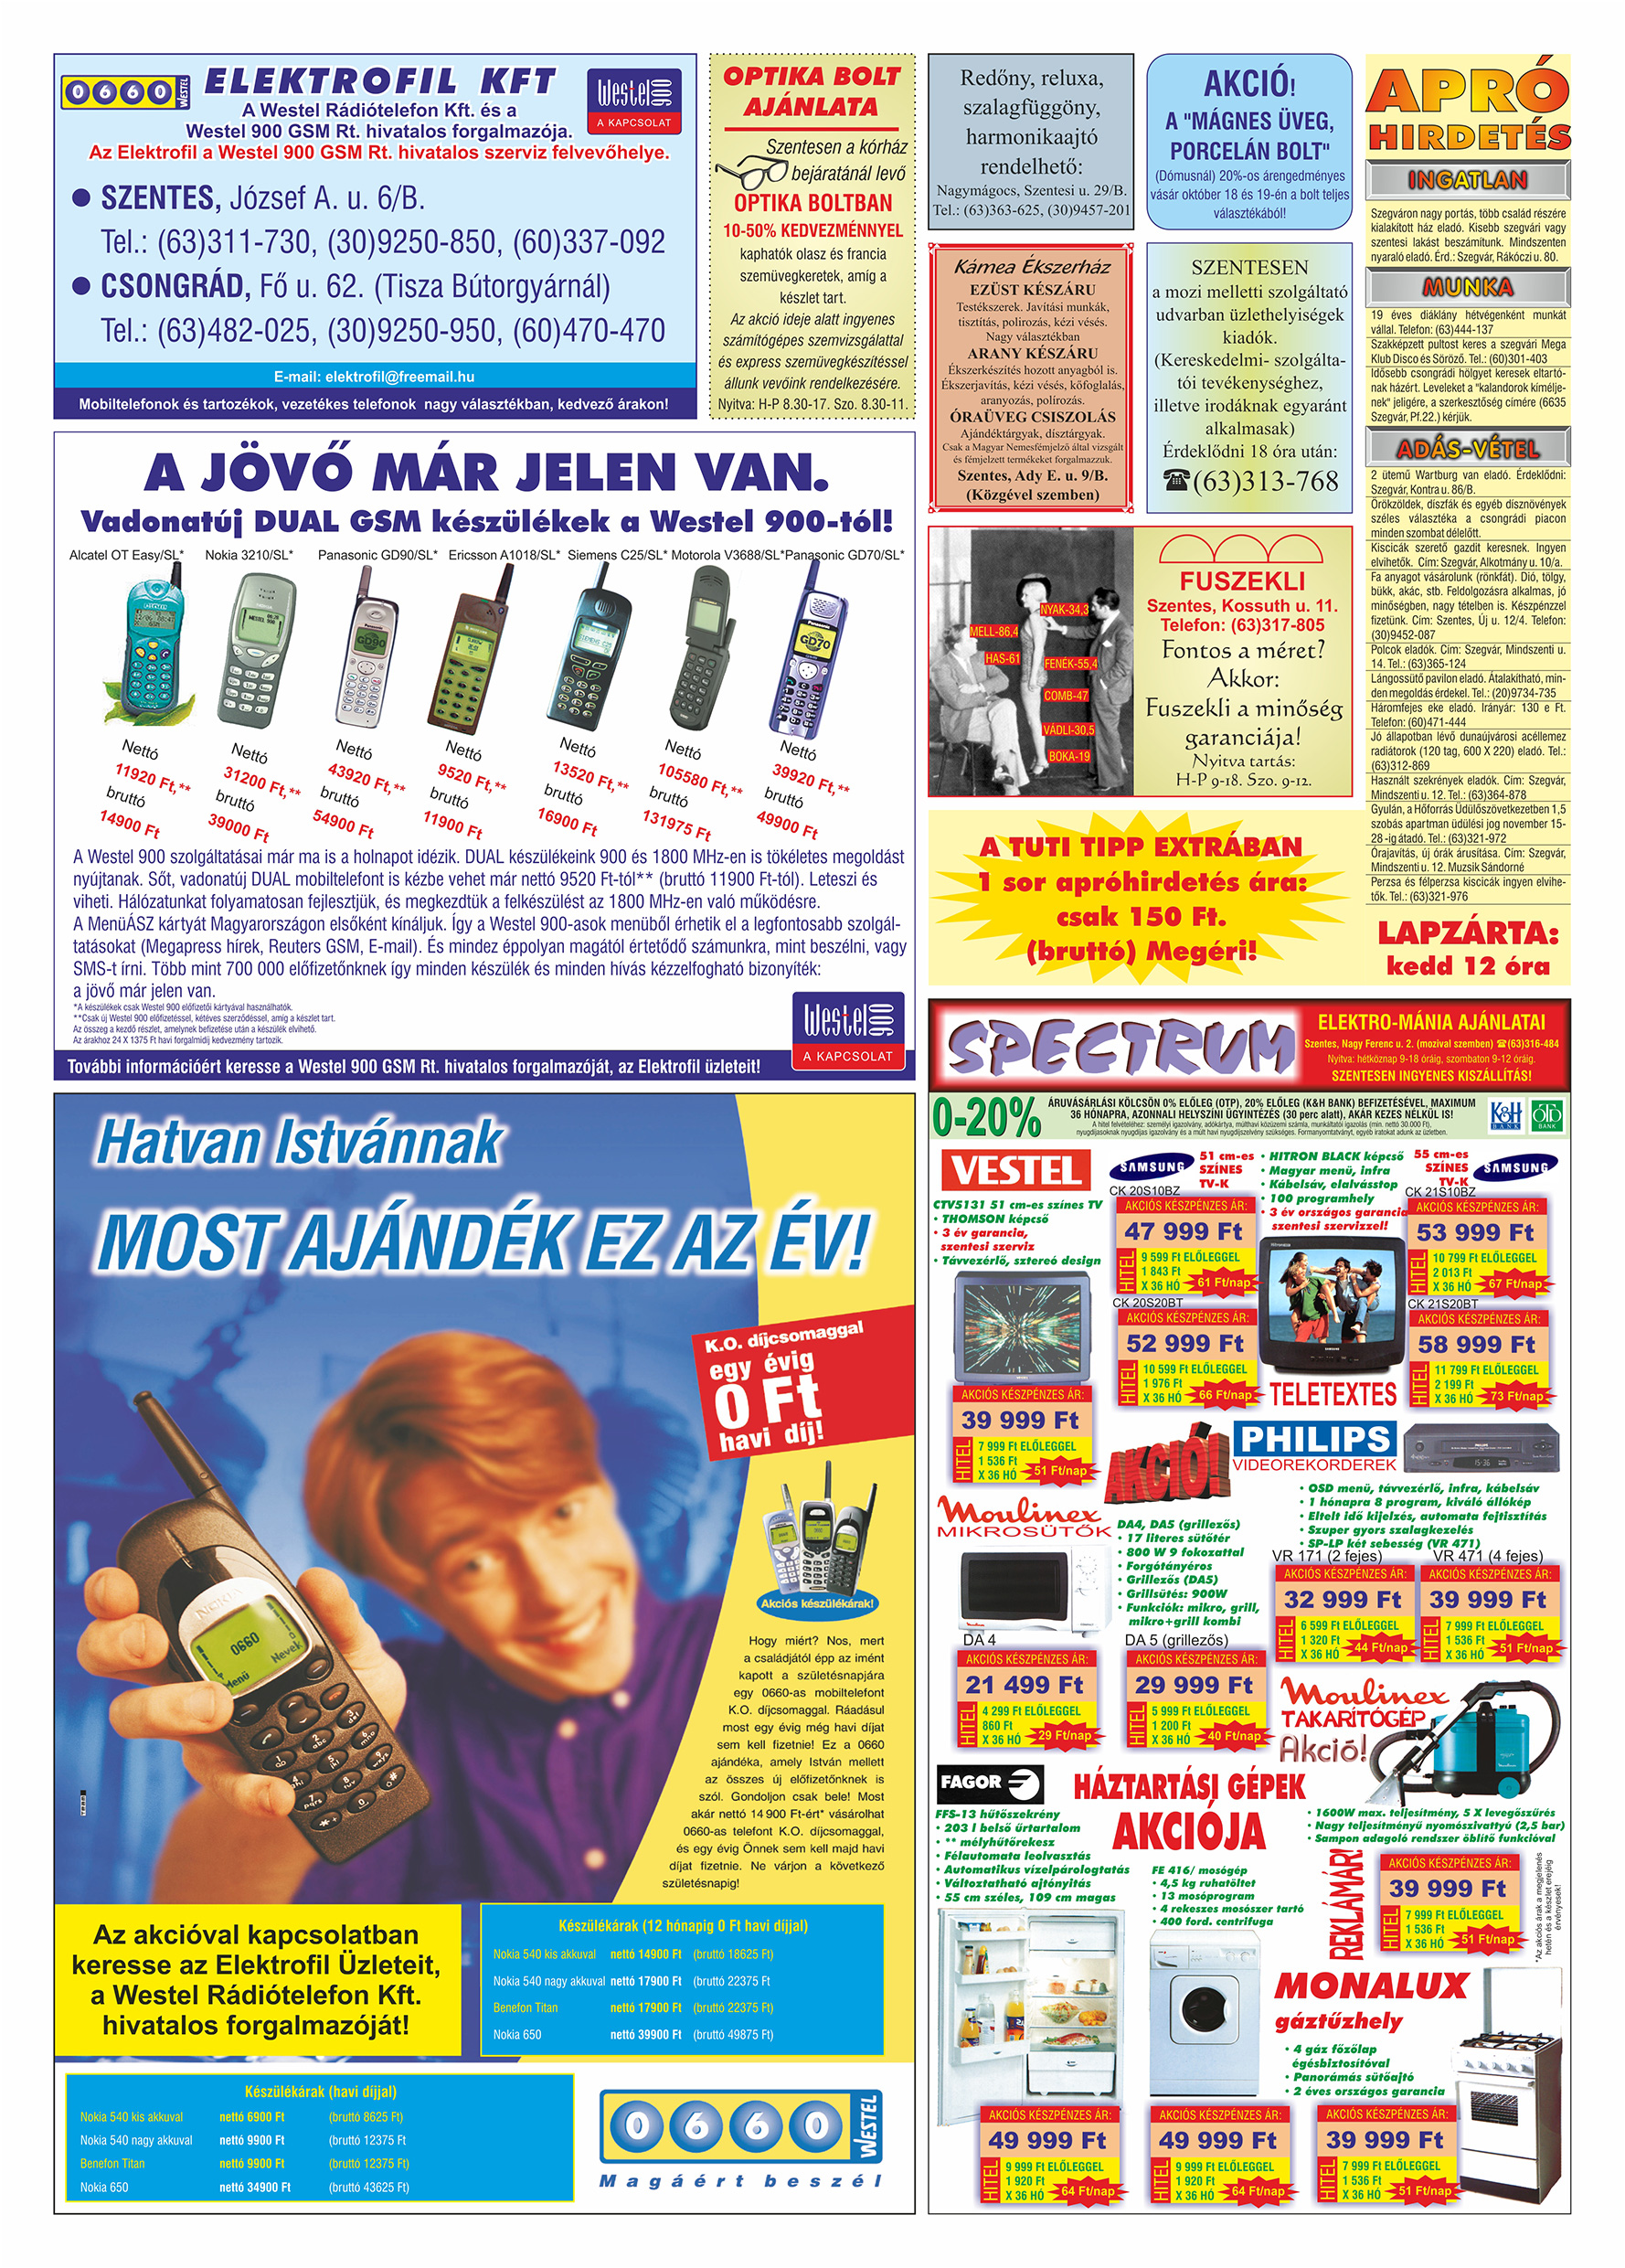 060 Tuti Tipp Extra reklámújság - 19991016-017. lapszám - 2.oldal - V. évfolyam.jpg